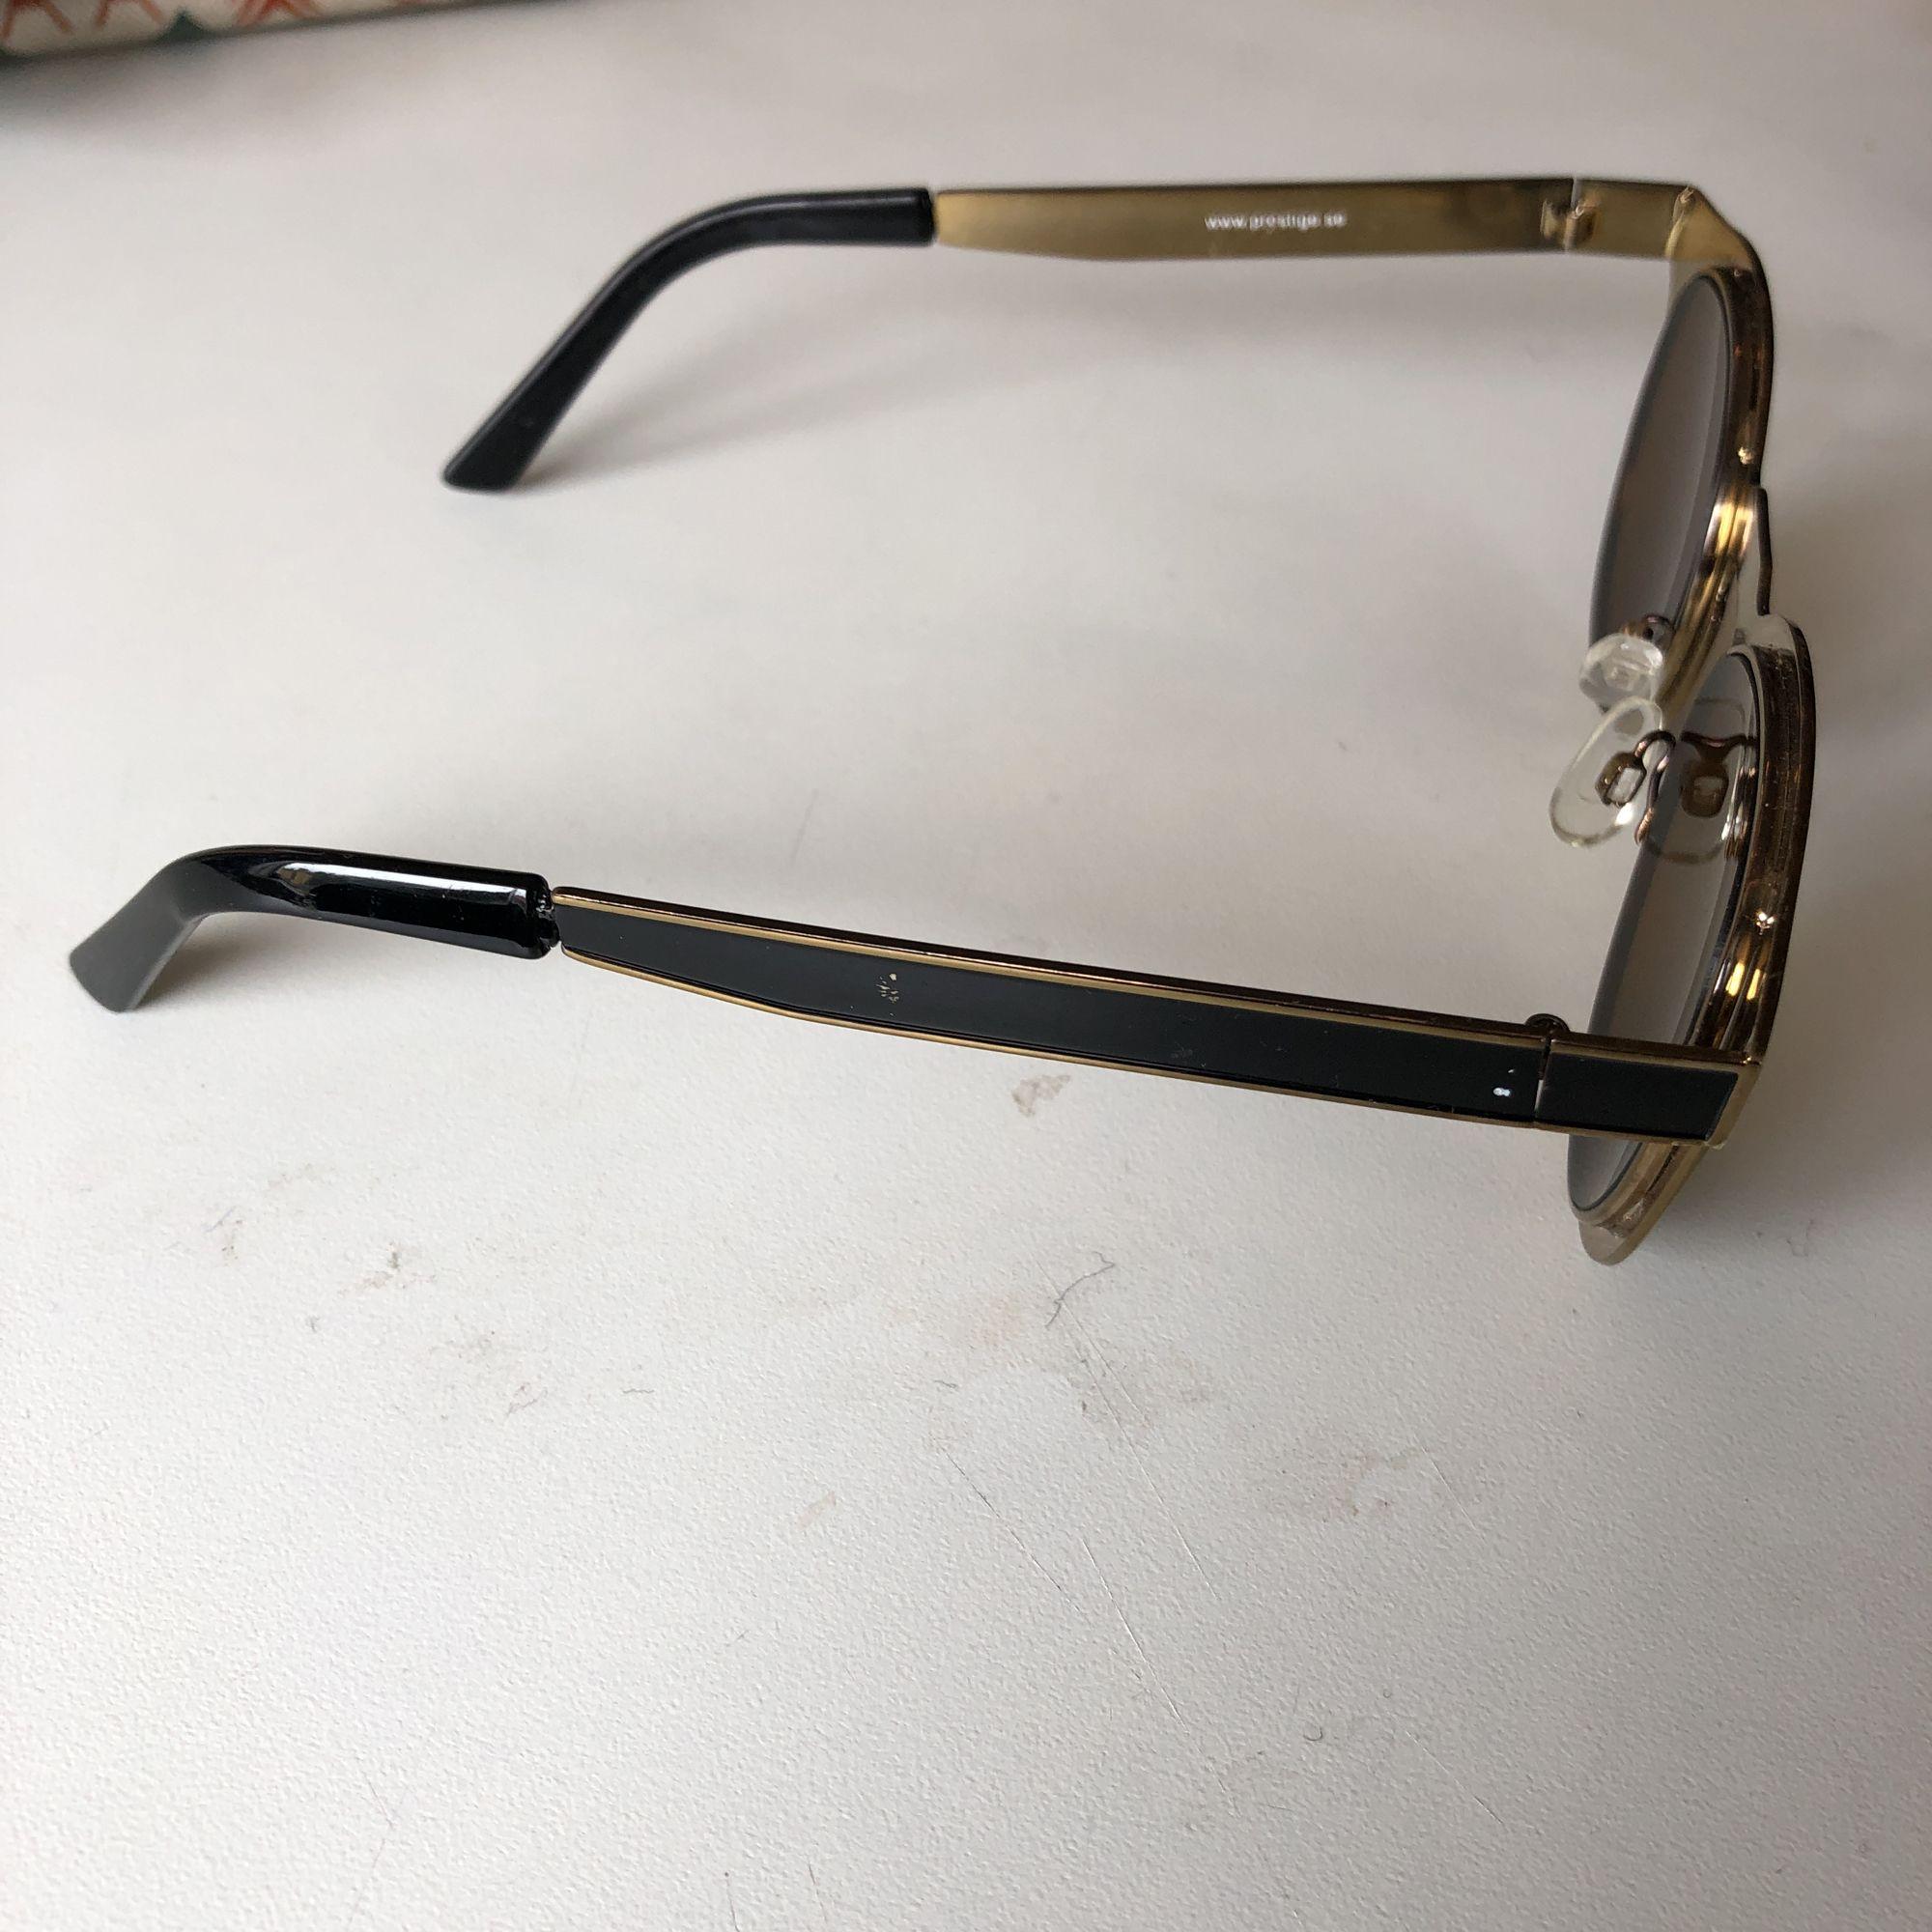 Solglasögon från märket prestige, fint skick. Svart o guldiga . Accessoarer.